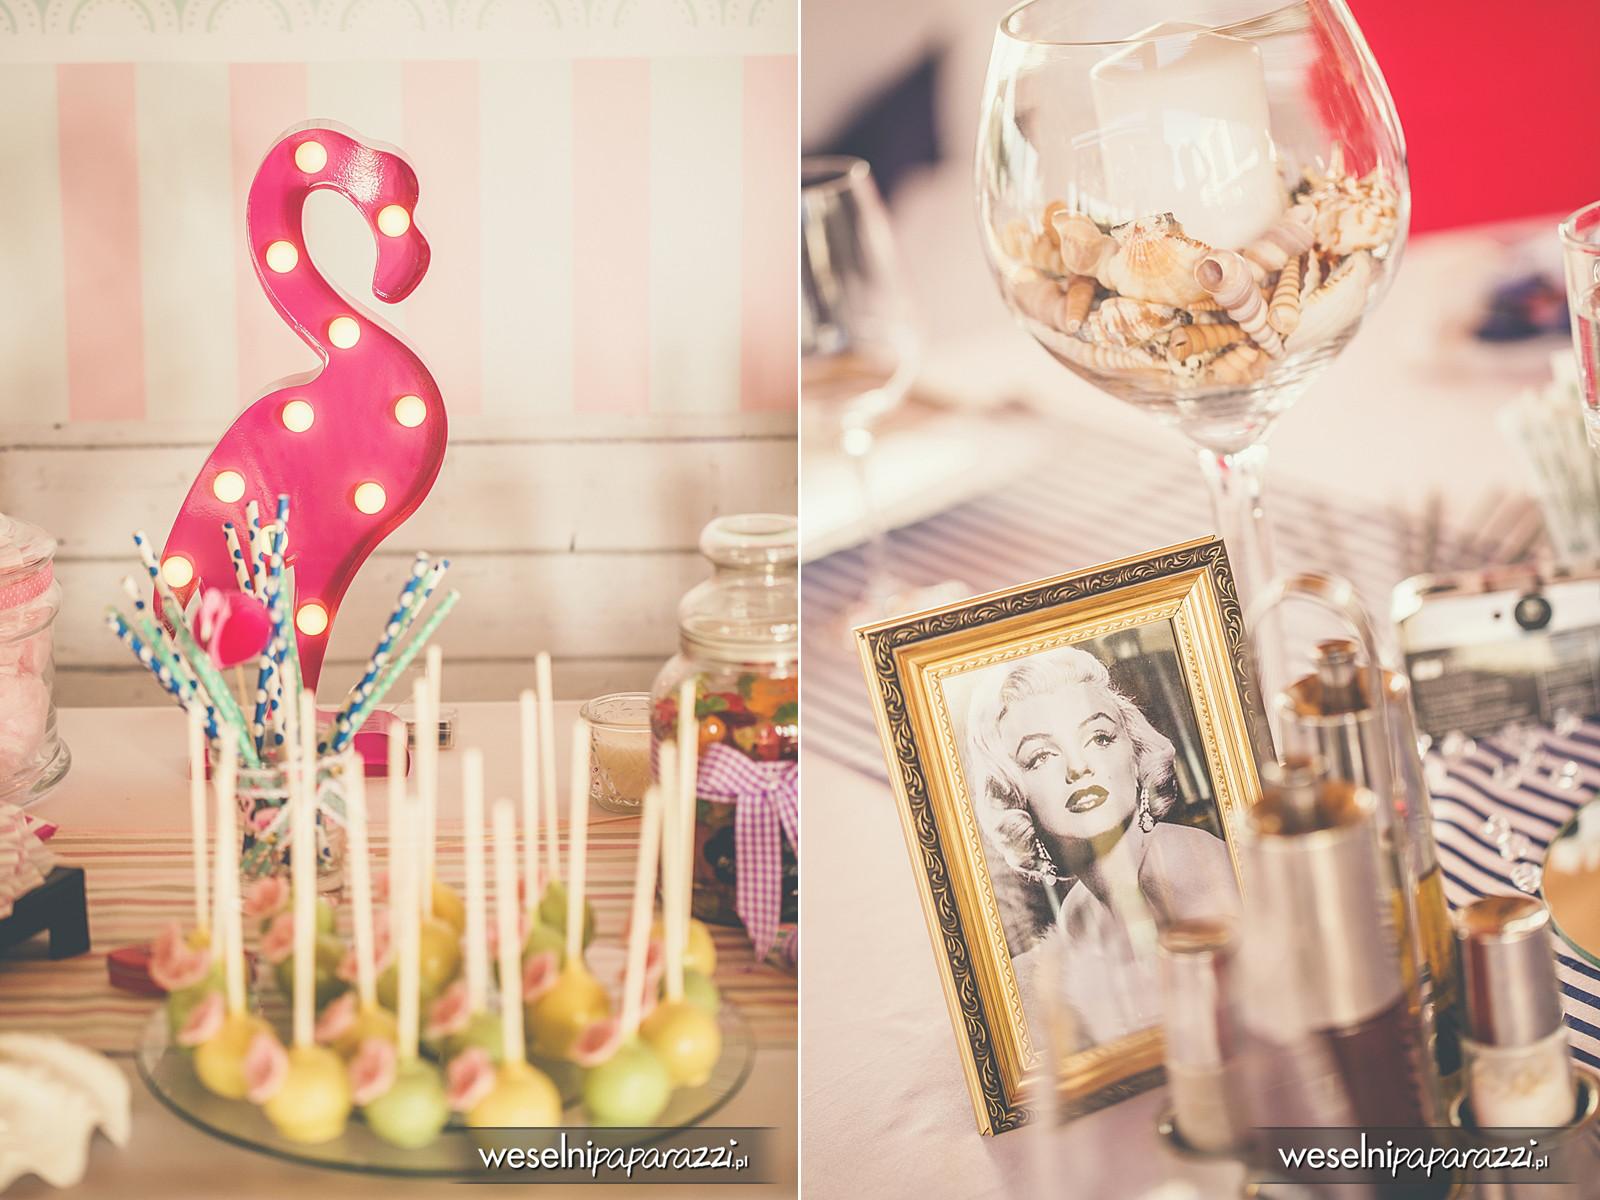 Ozdoby na stołach weselnych w stylu lat 50